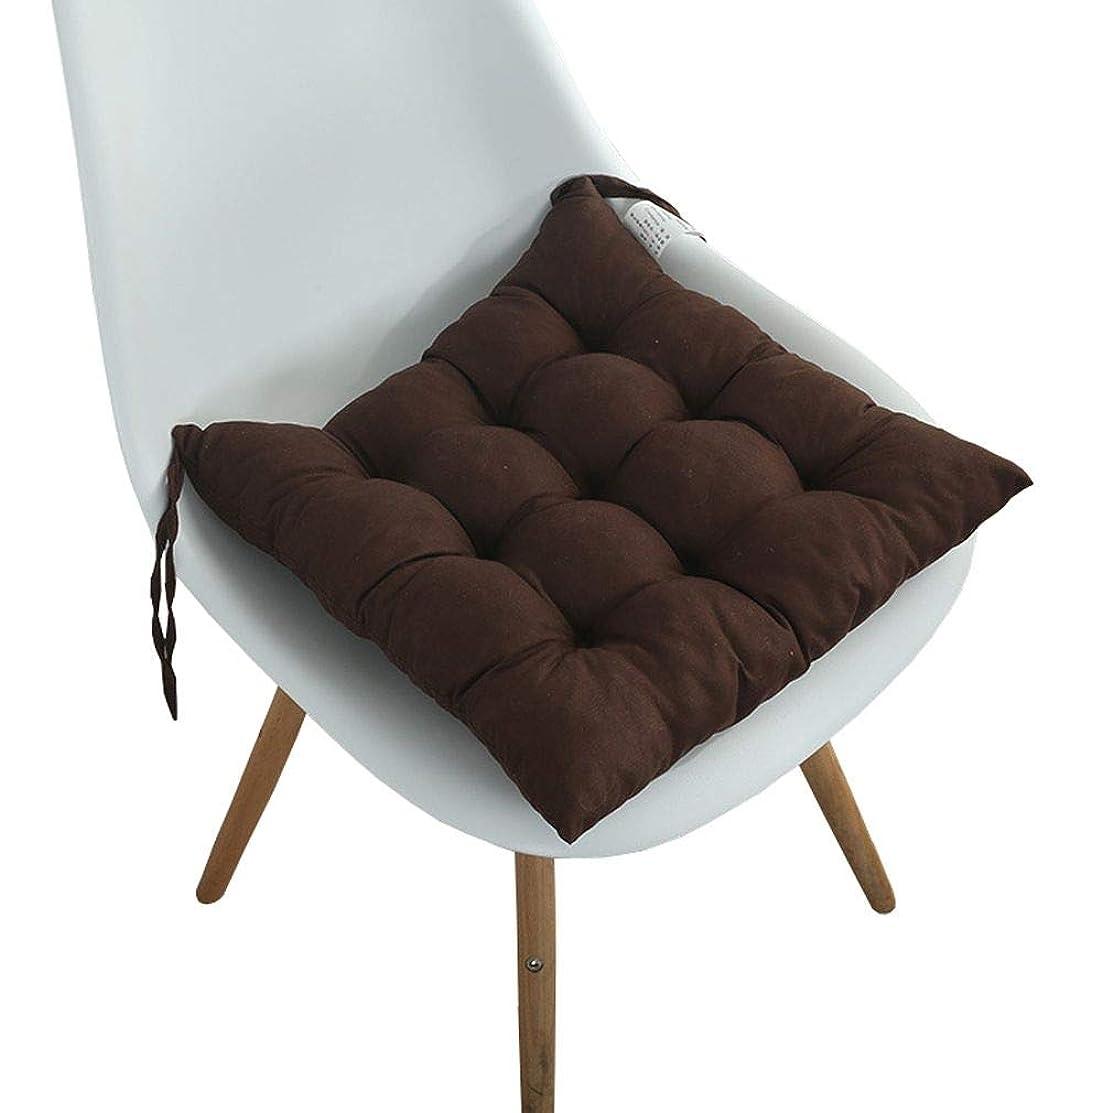 ロッジテレビを見る振幅JK Home 座布団 クッション 無地 オシャレ 低反発 椅子 体圧分散 ふかふか 柔らかい ブラウン